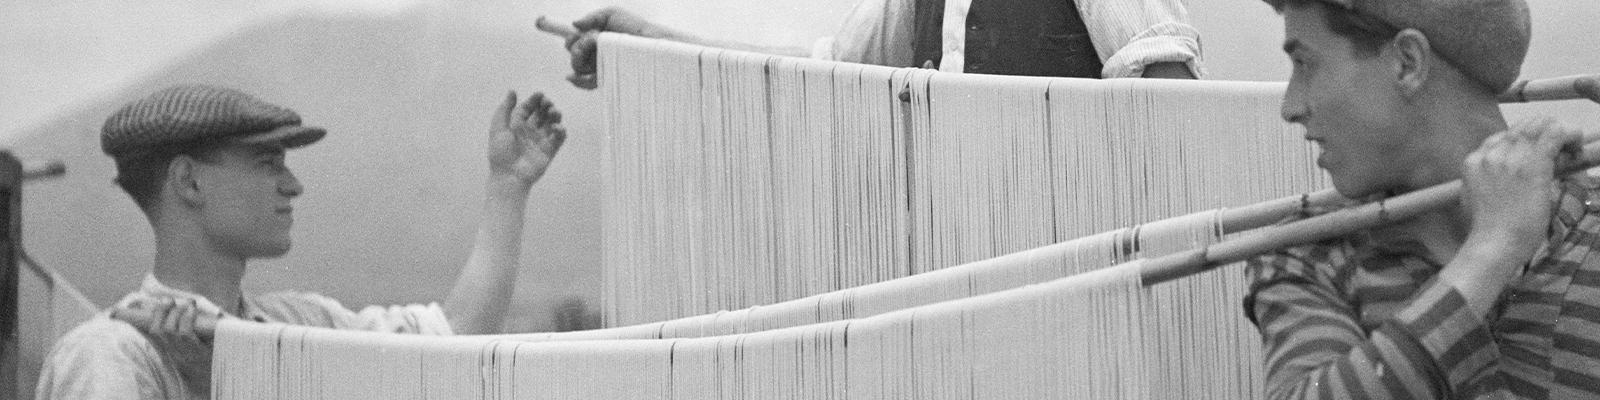 Pasta Garofalo - Vår historia och filosofi